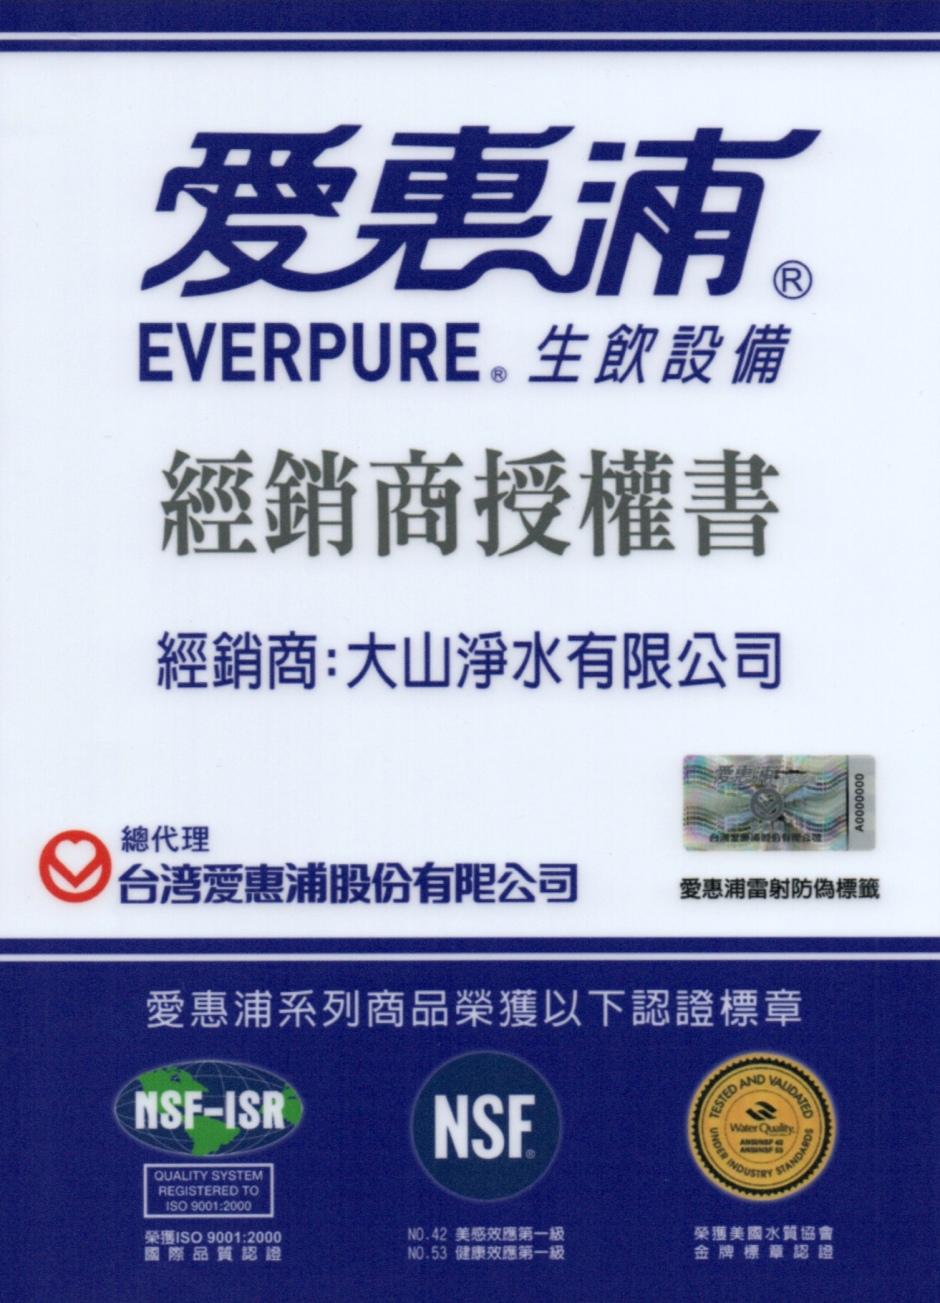 愛惠浦台中市北屯區經銷商授權書